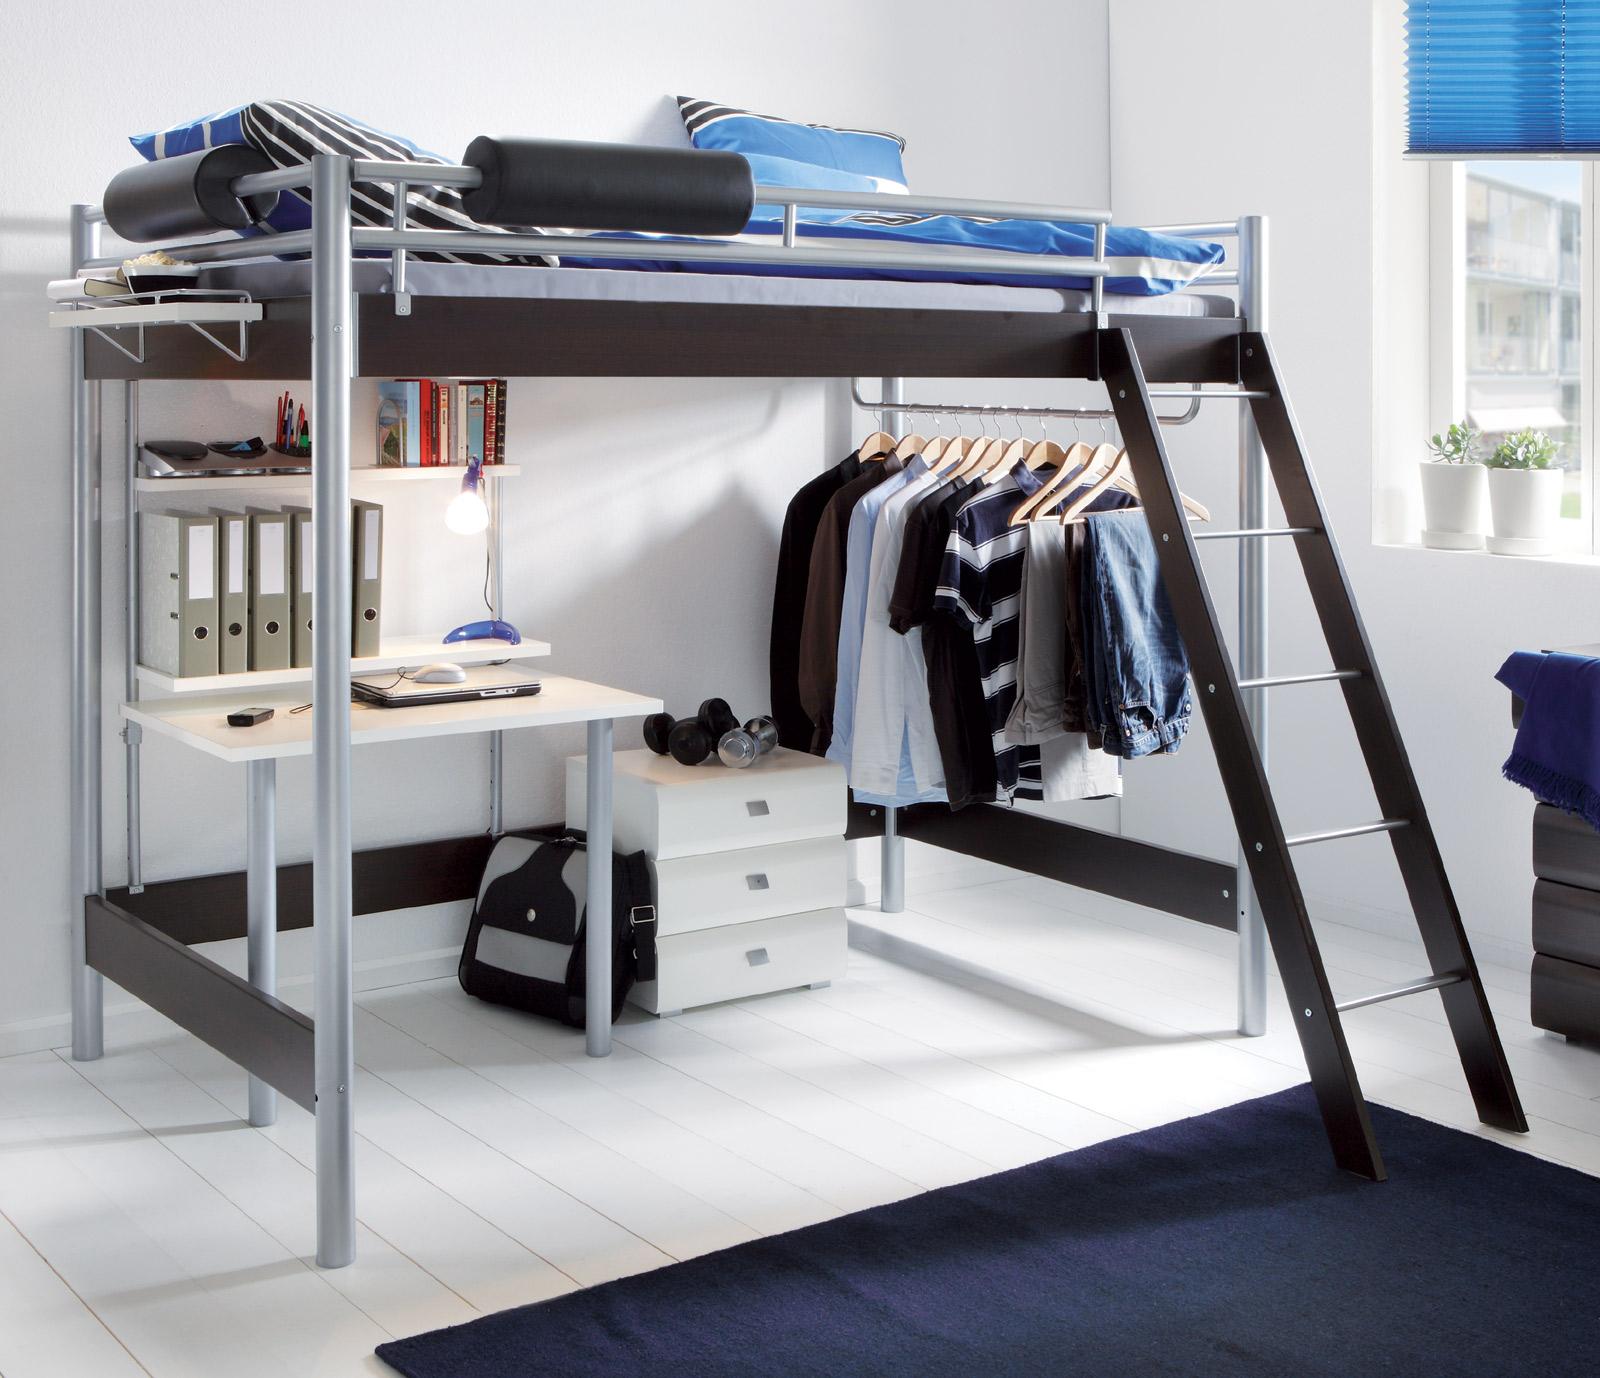 hochbett f r erwachsene mit schreibtisch und kleiderstange. Black Bedroom Furniture Sets. Home Design Ideas